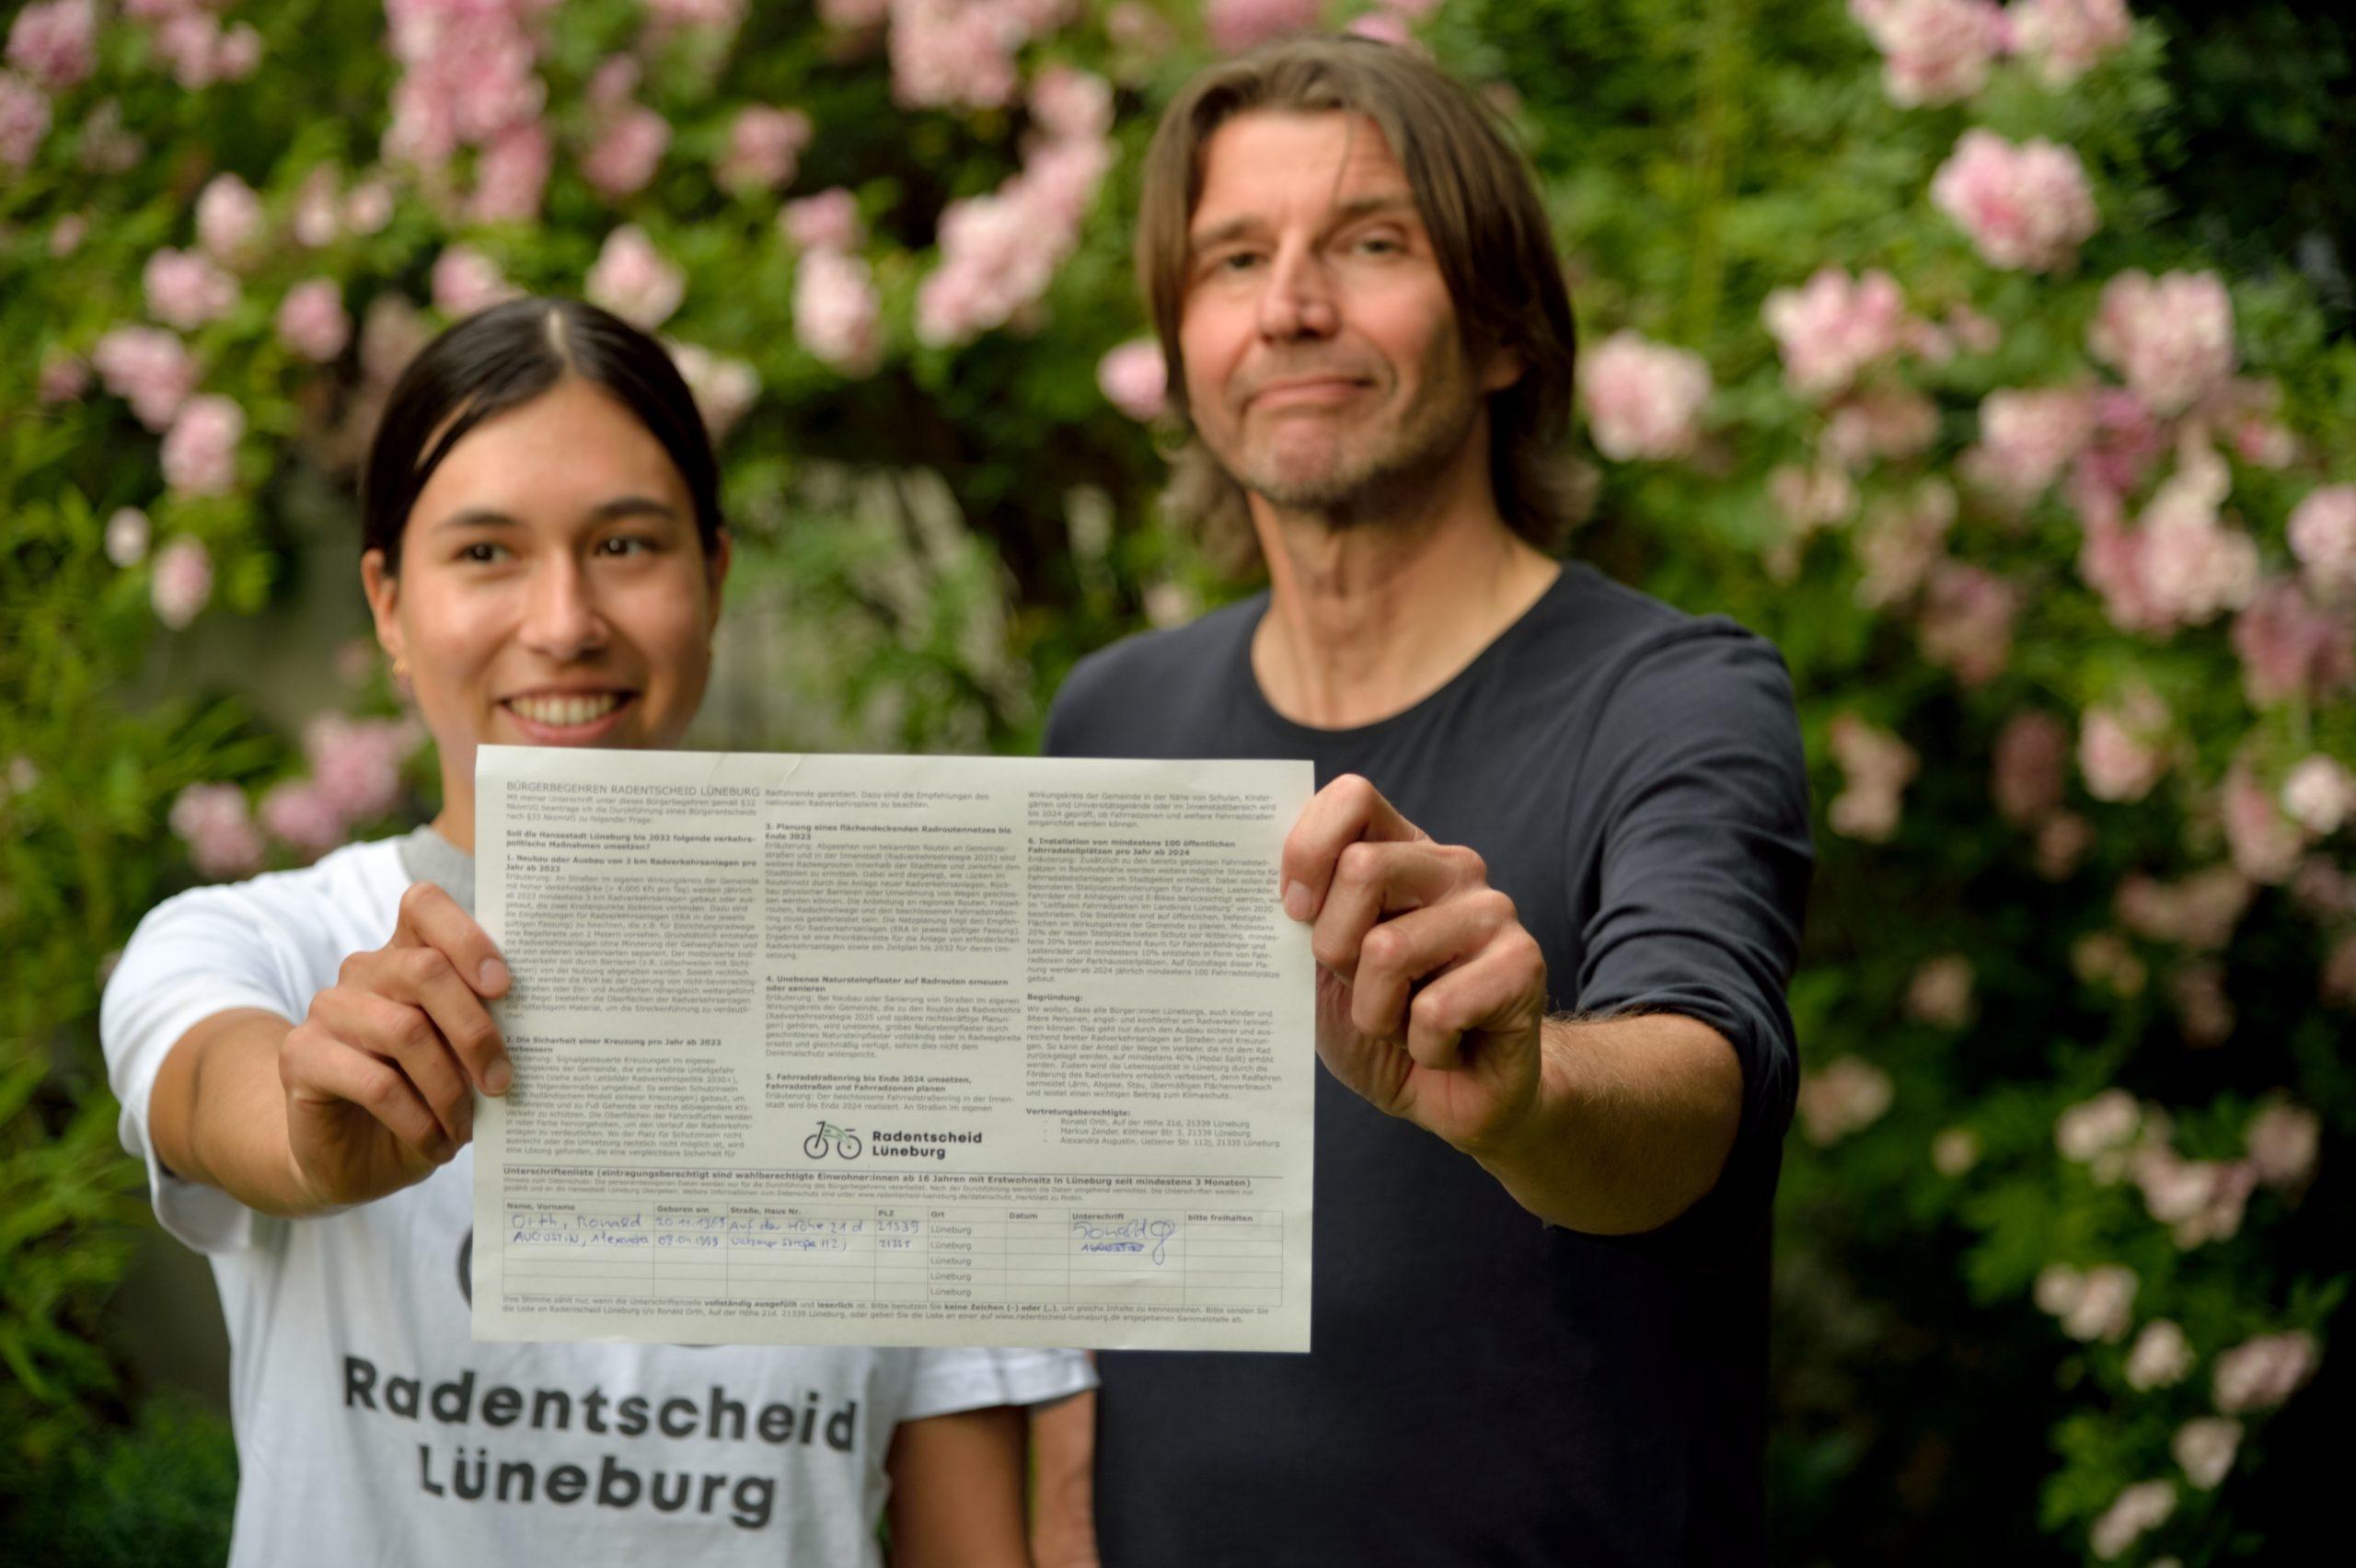 You are currently viewing Jetzt geht's los! – Radentscheid startet Unterschriftensammlung